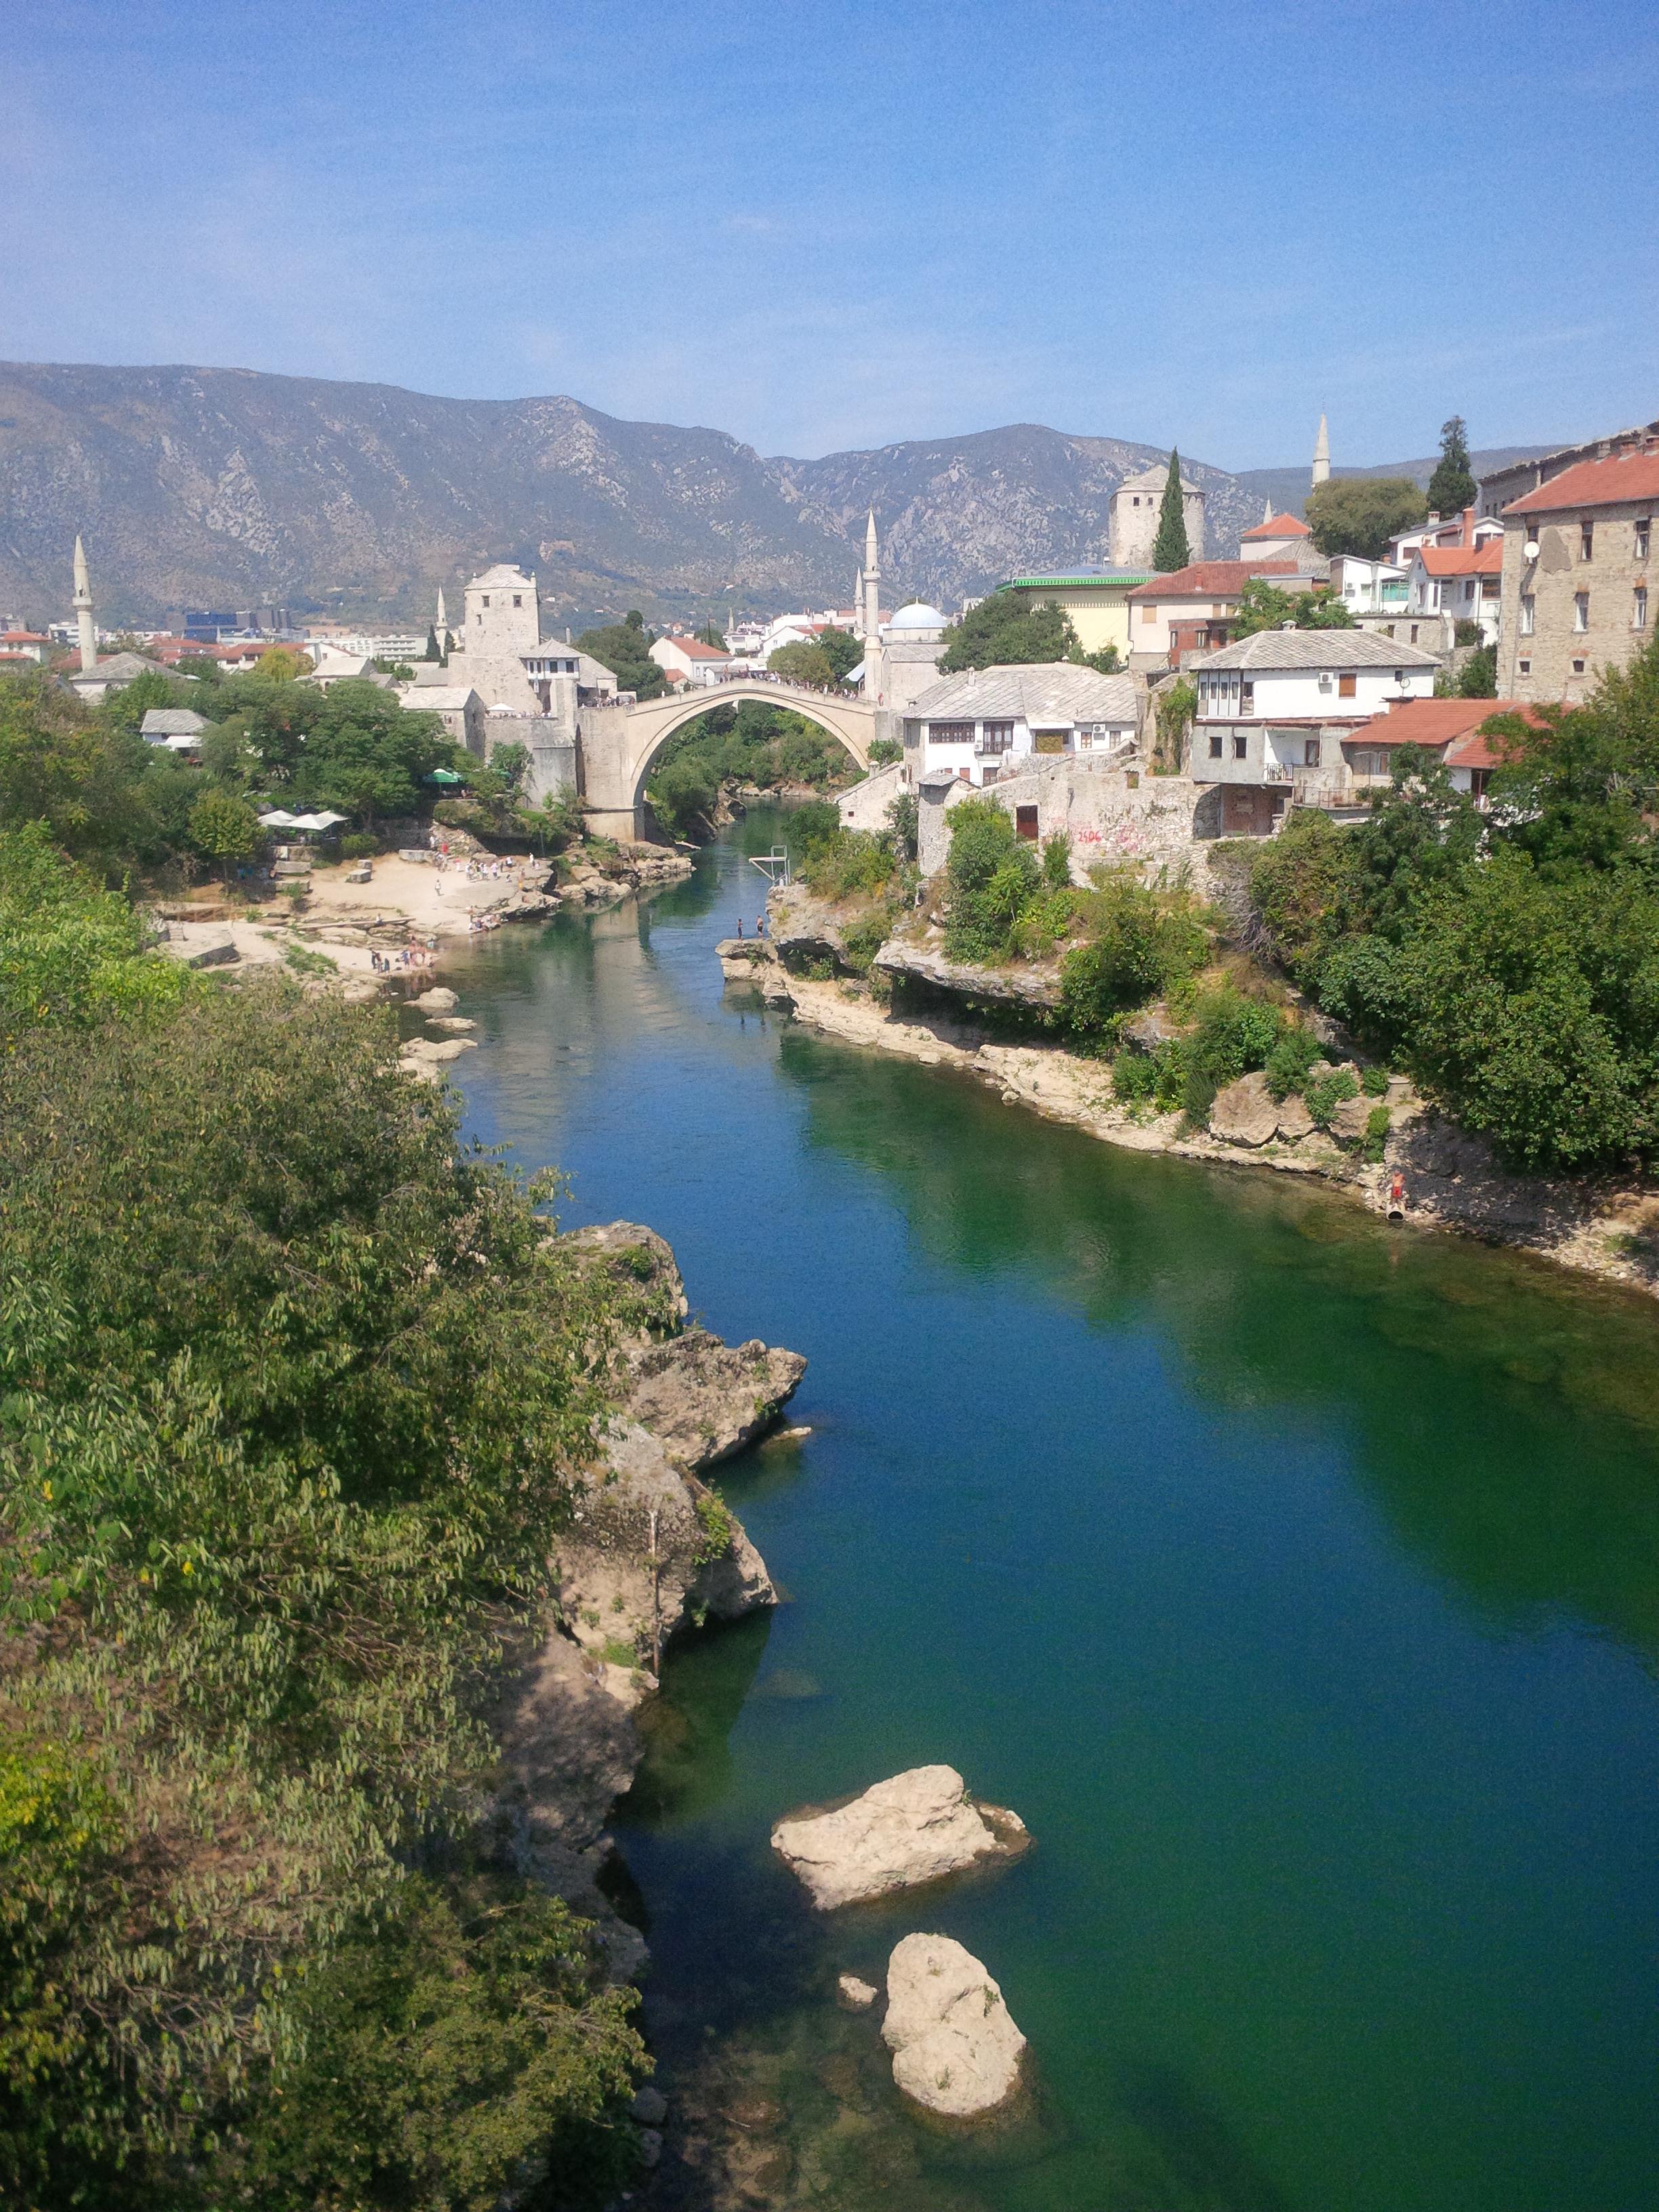 Öreg híd (Stari Most)  látképe  a szemben lévő hídról